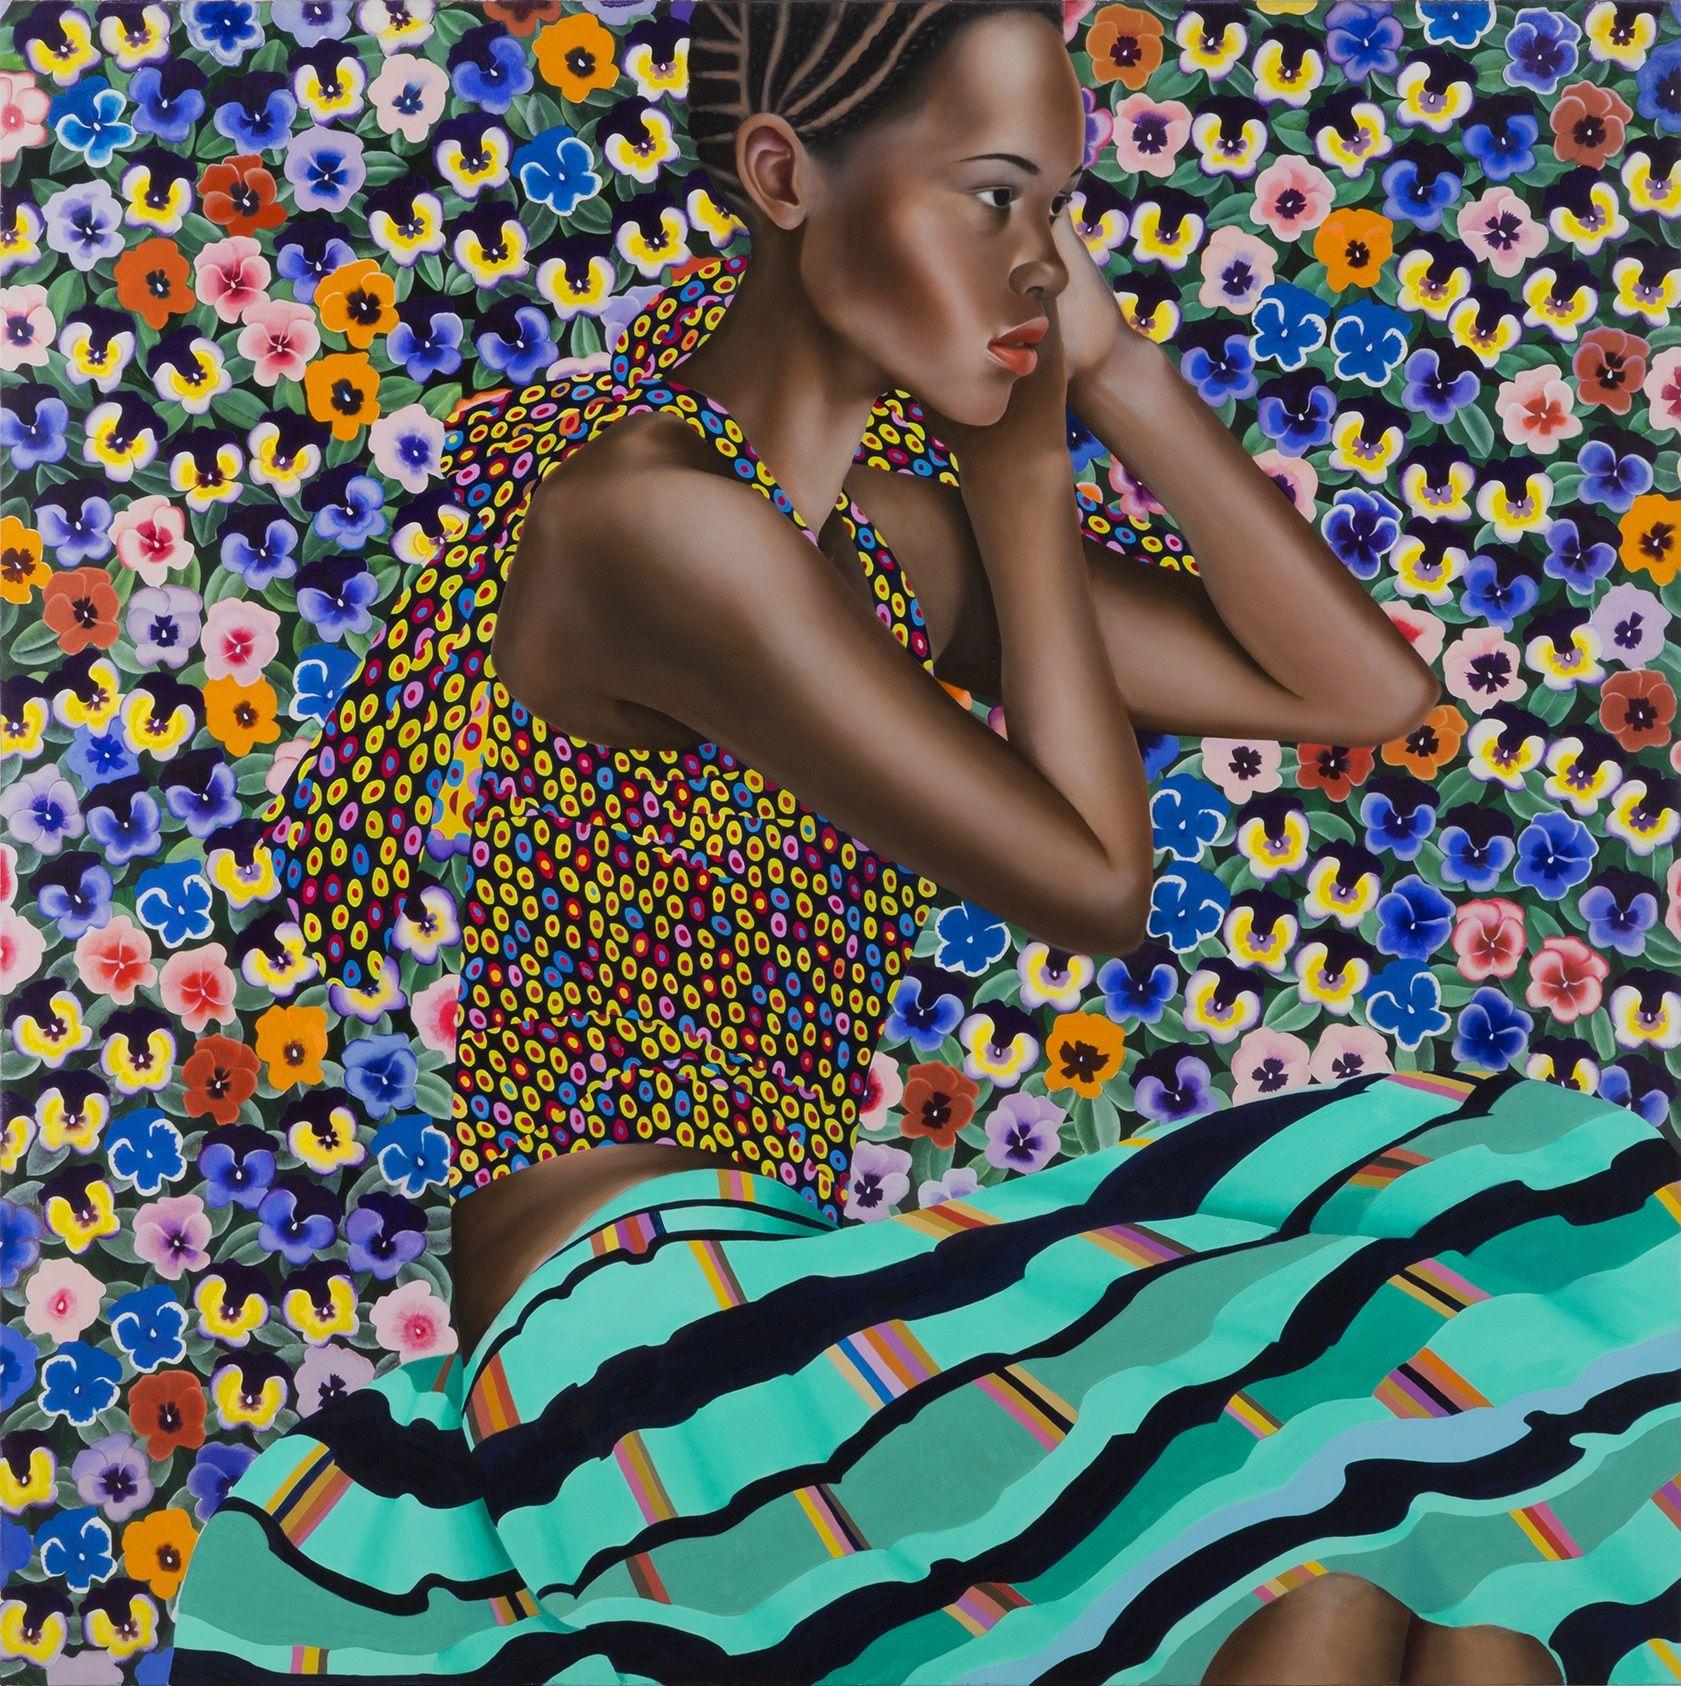 Jocelyn Hobbie, Abundance, 2015